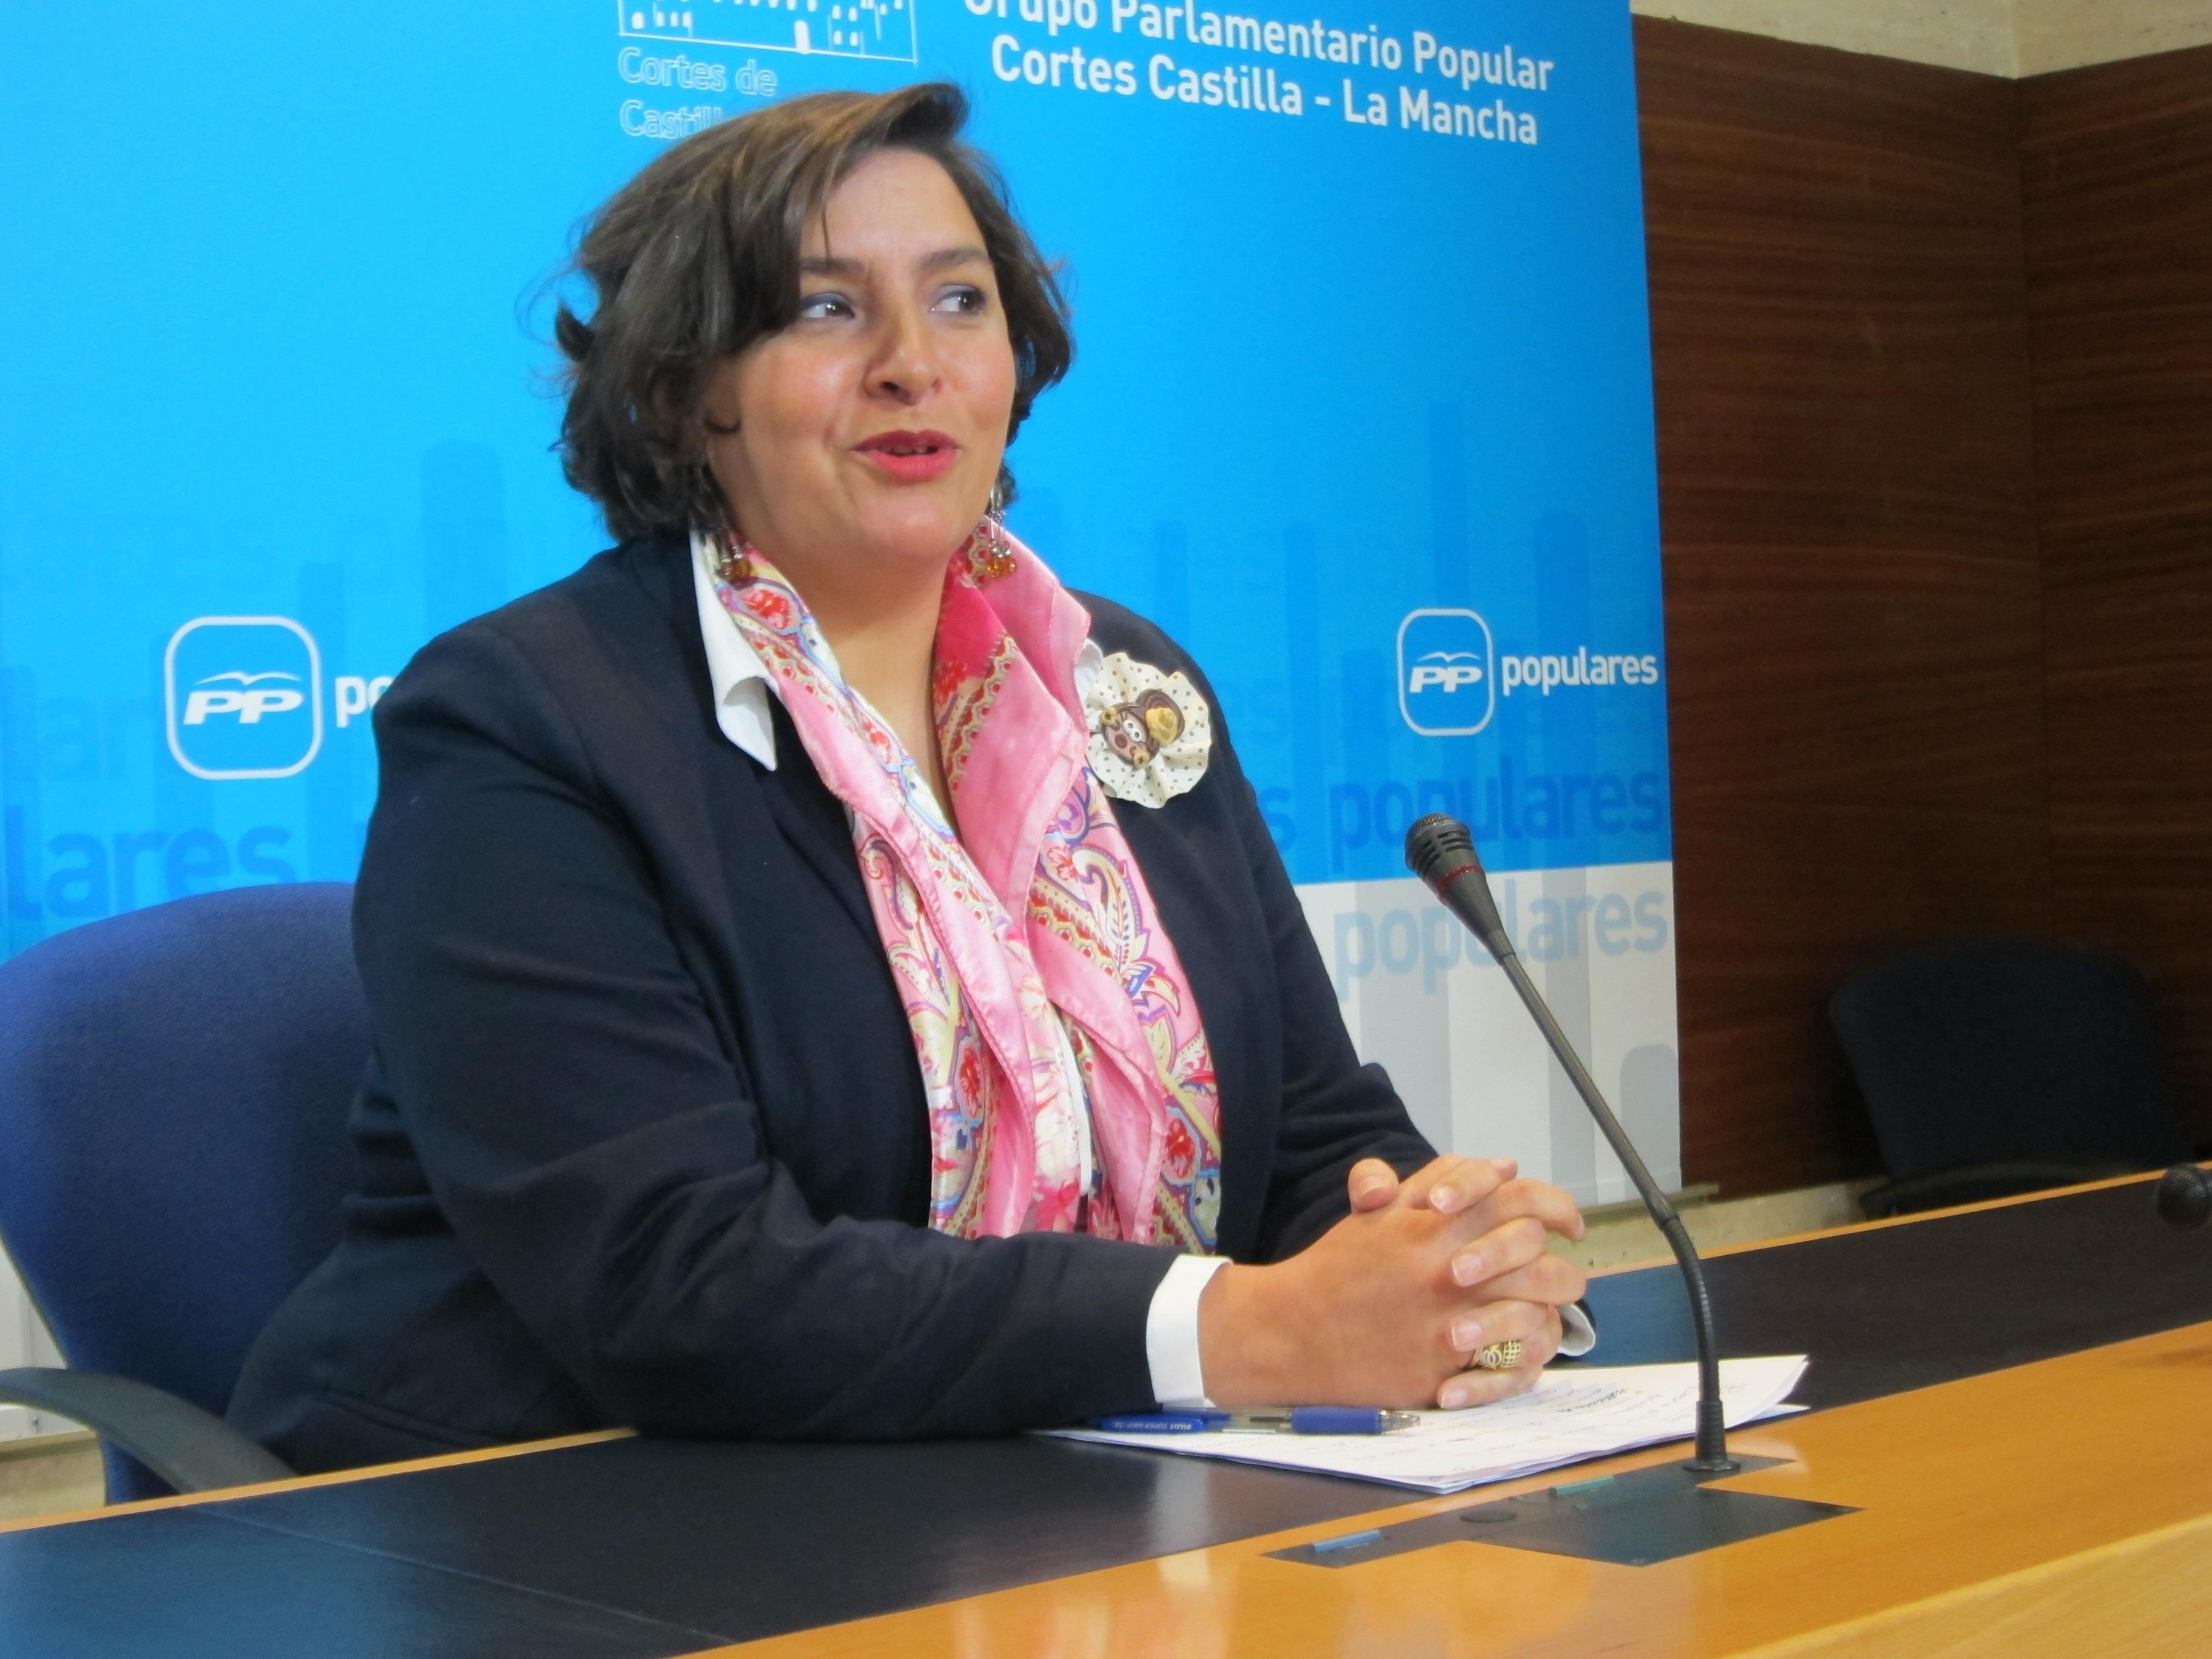 El PP denuncia la «irresponsabilidad» del PSOE con los cambios en los PAC y dice que la asistencia está garantizada